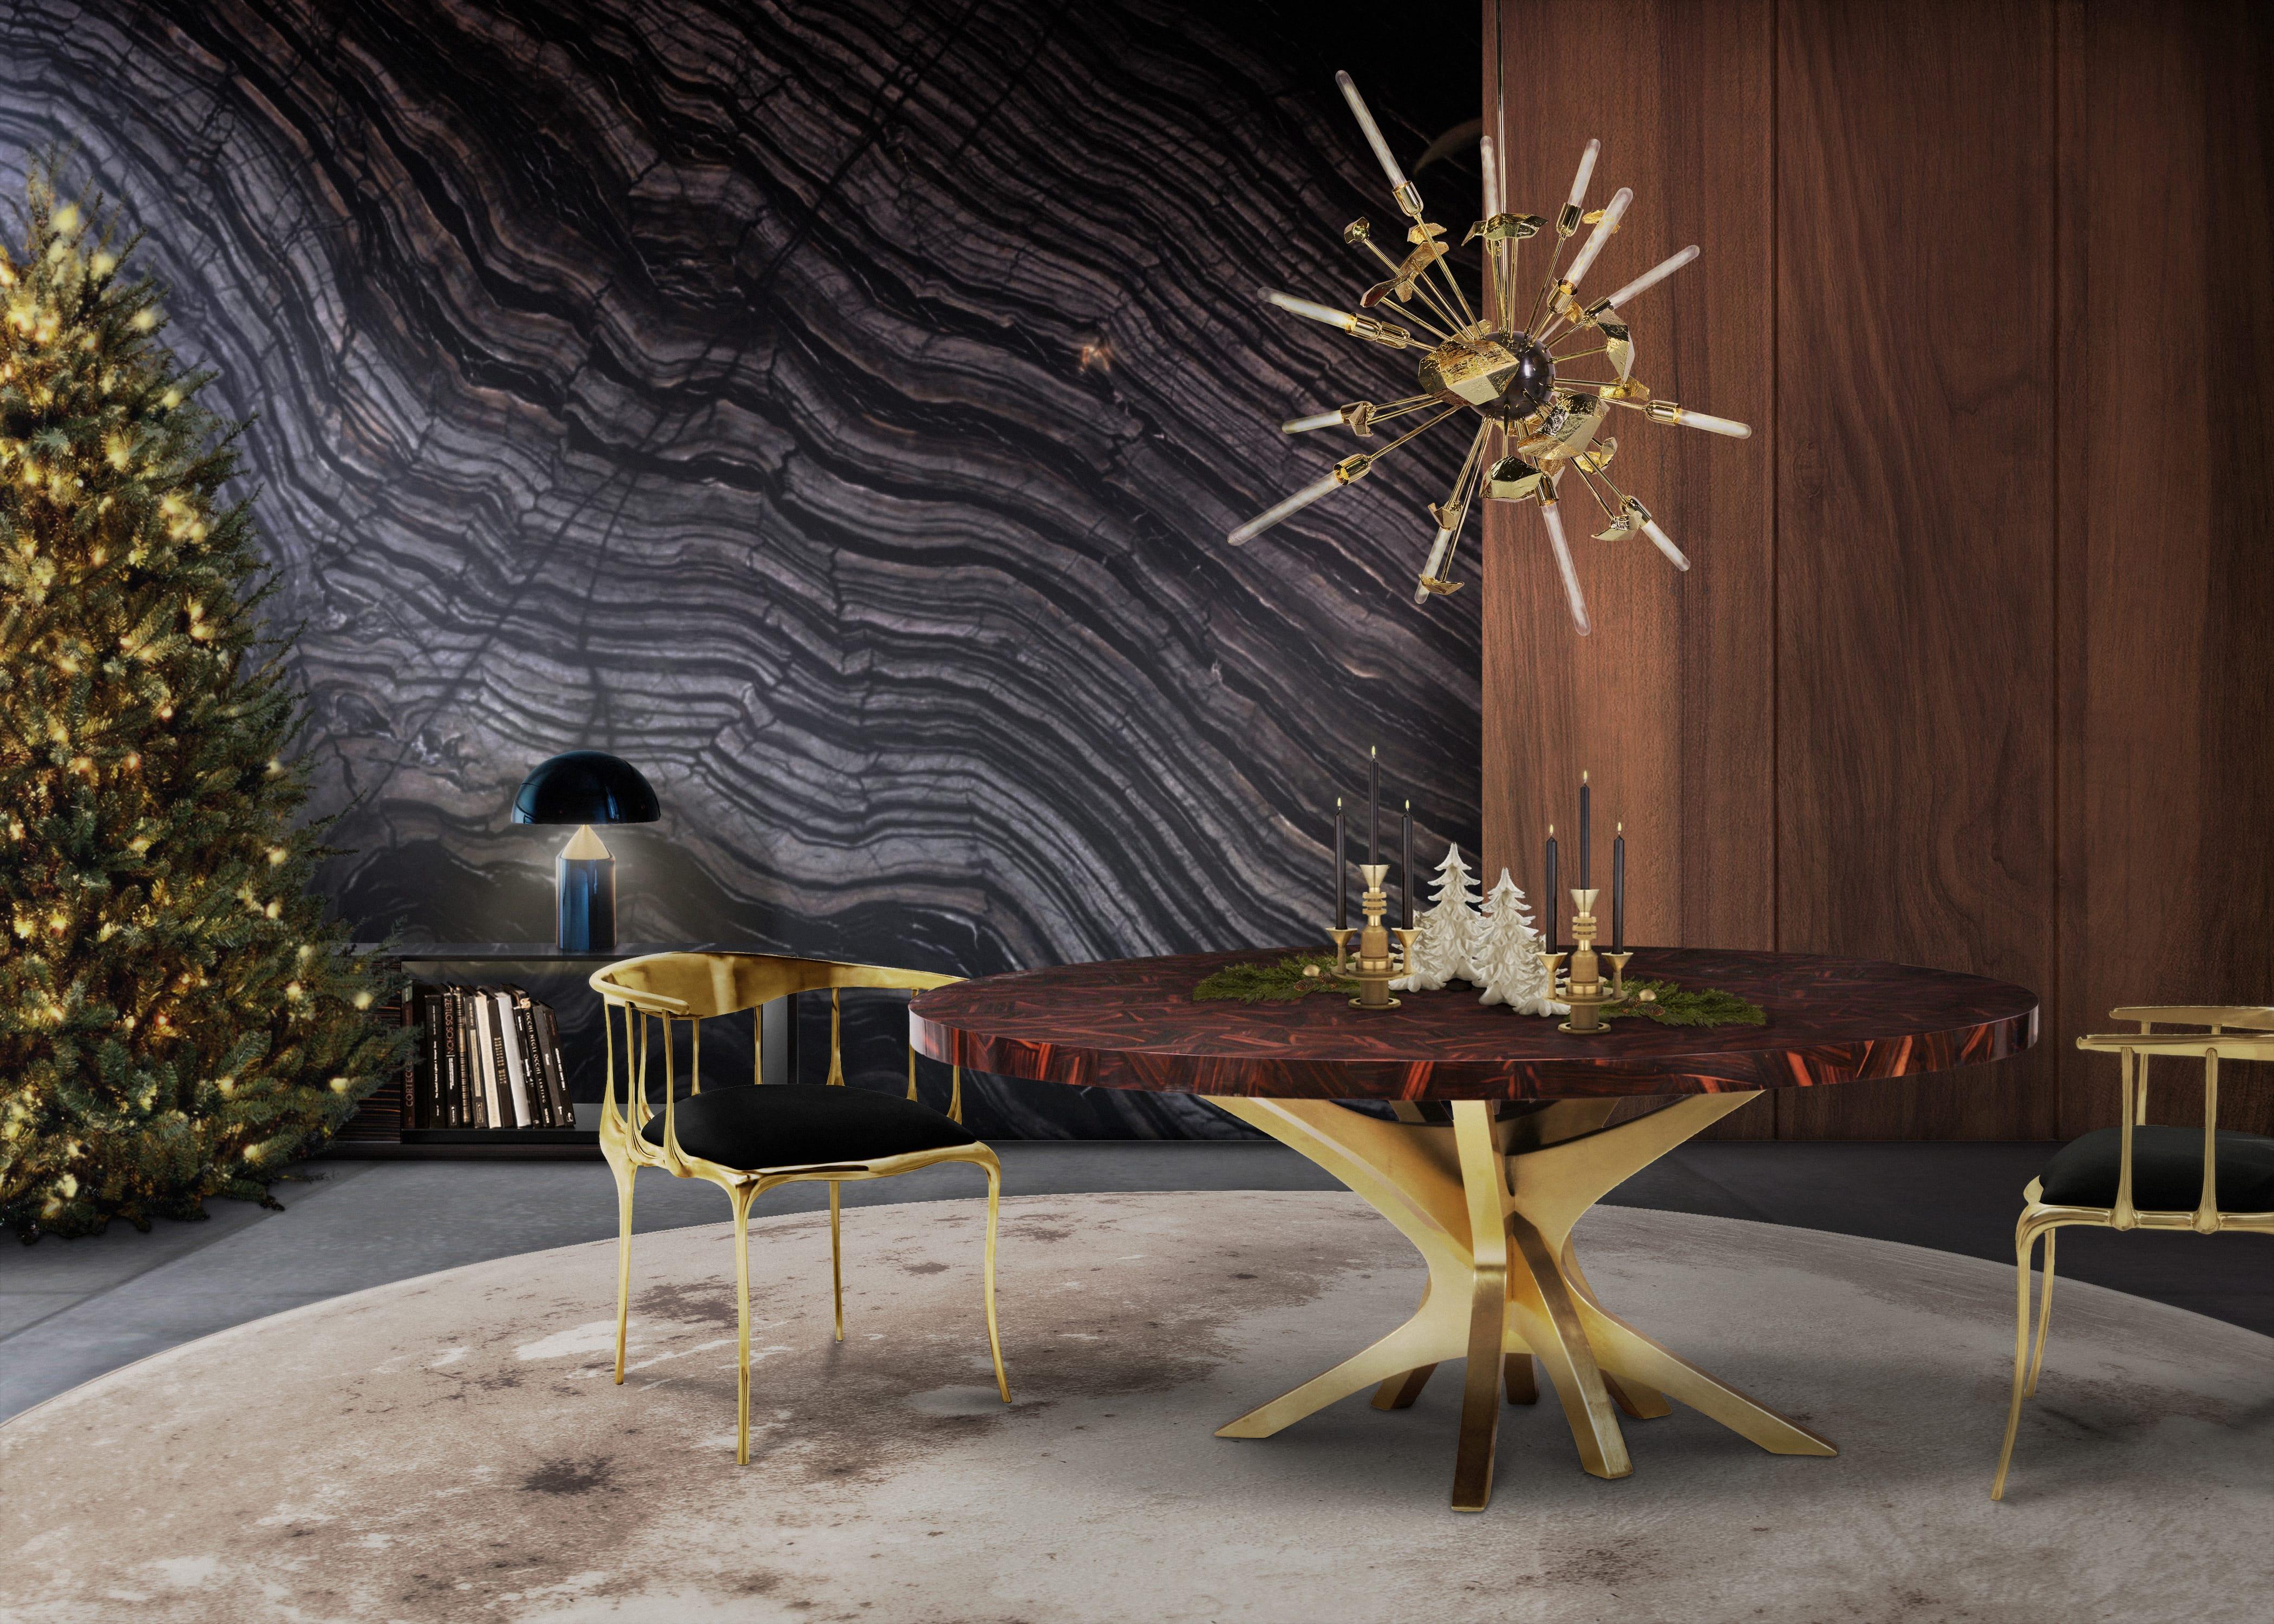 Esszimmer-Ideen Entdecken Sie Erstauliche Skadinavische Esszimmer-Ideen für den Herbst patch dining table natal